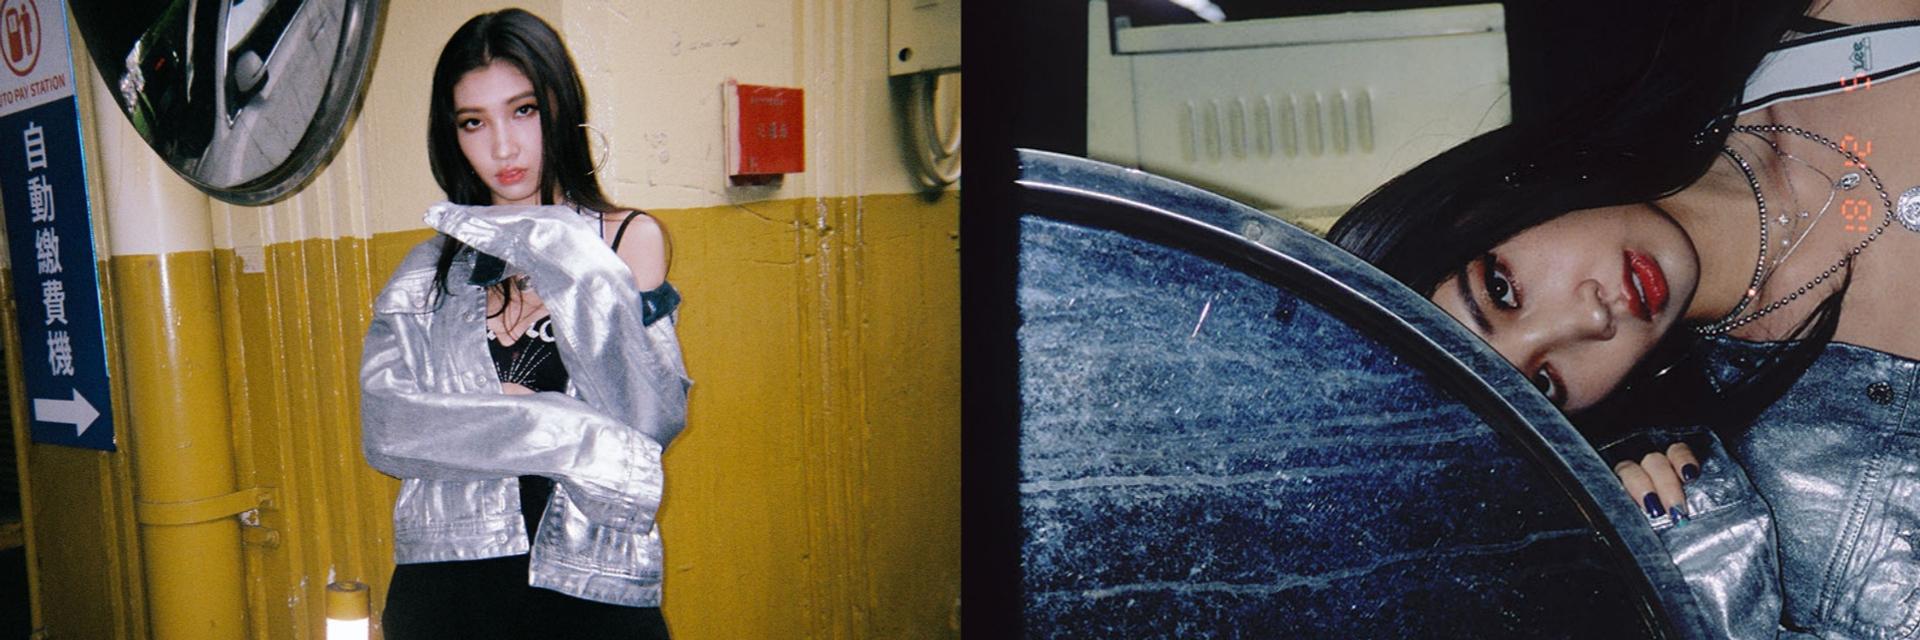 專訪/才 20 歲的 Karencici 憑什麼剛出道就引起轟動?我們訪問到了本尊:「我超想跟蛋堡合作!」